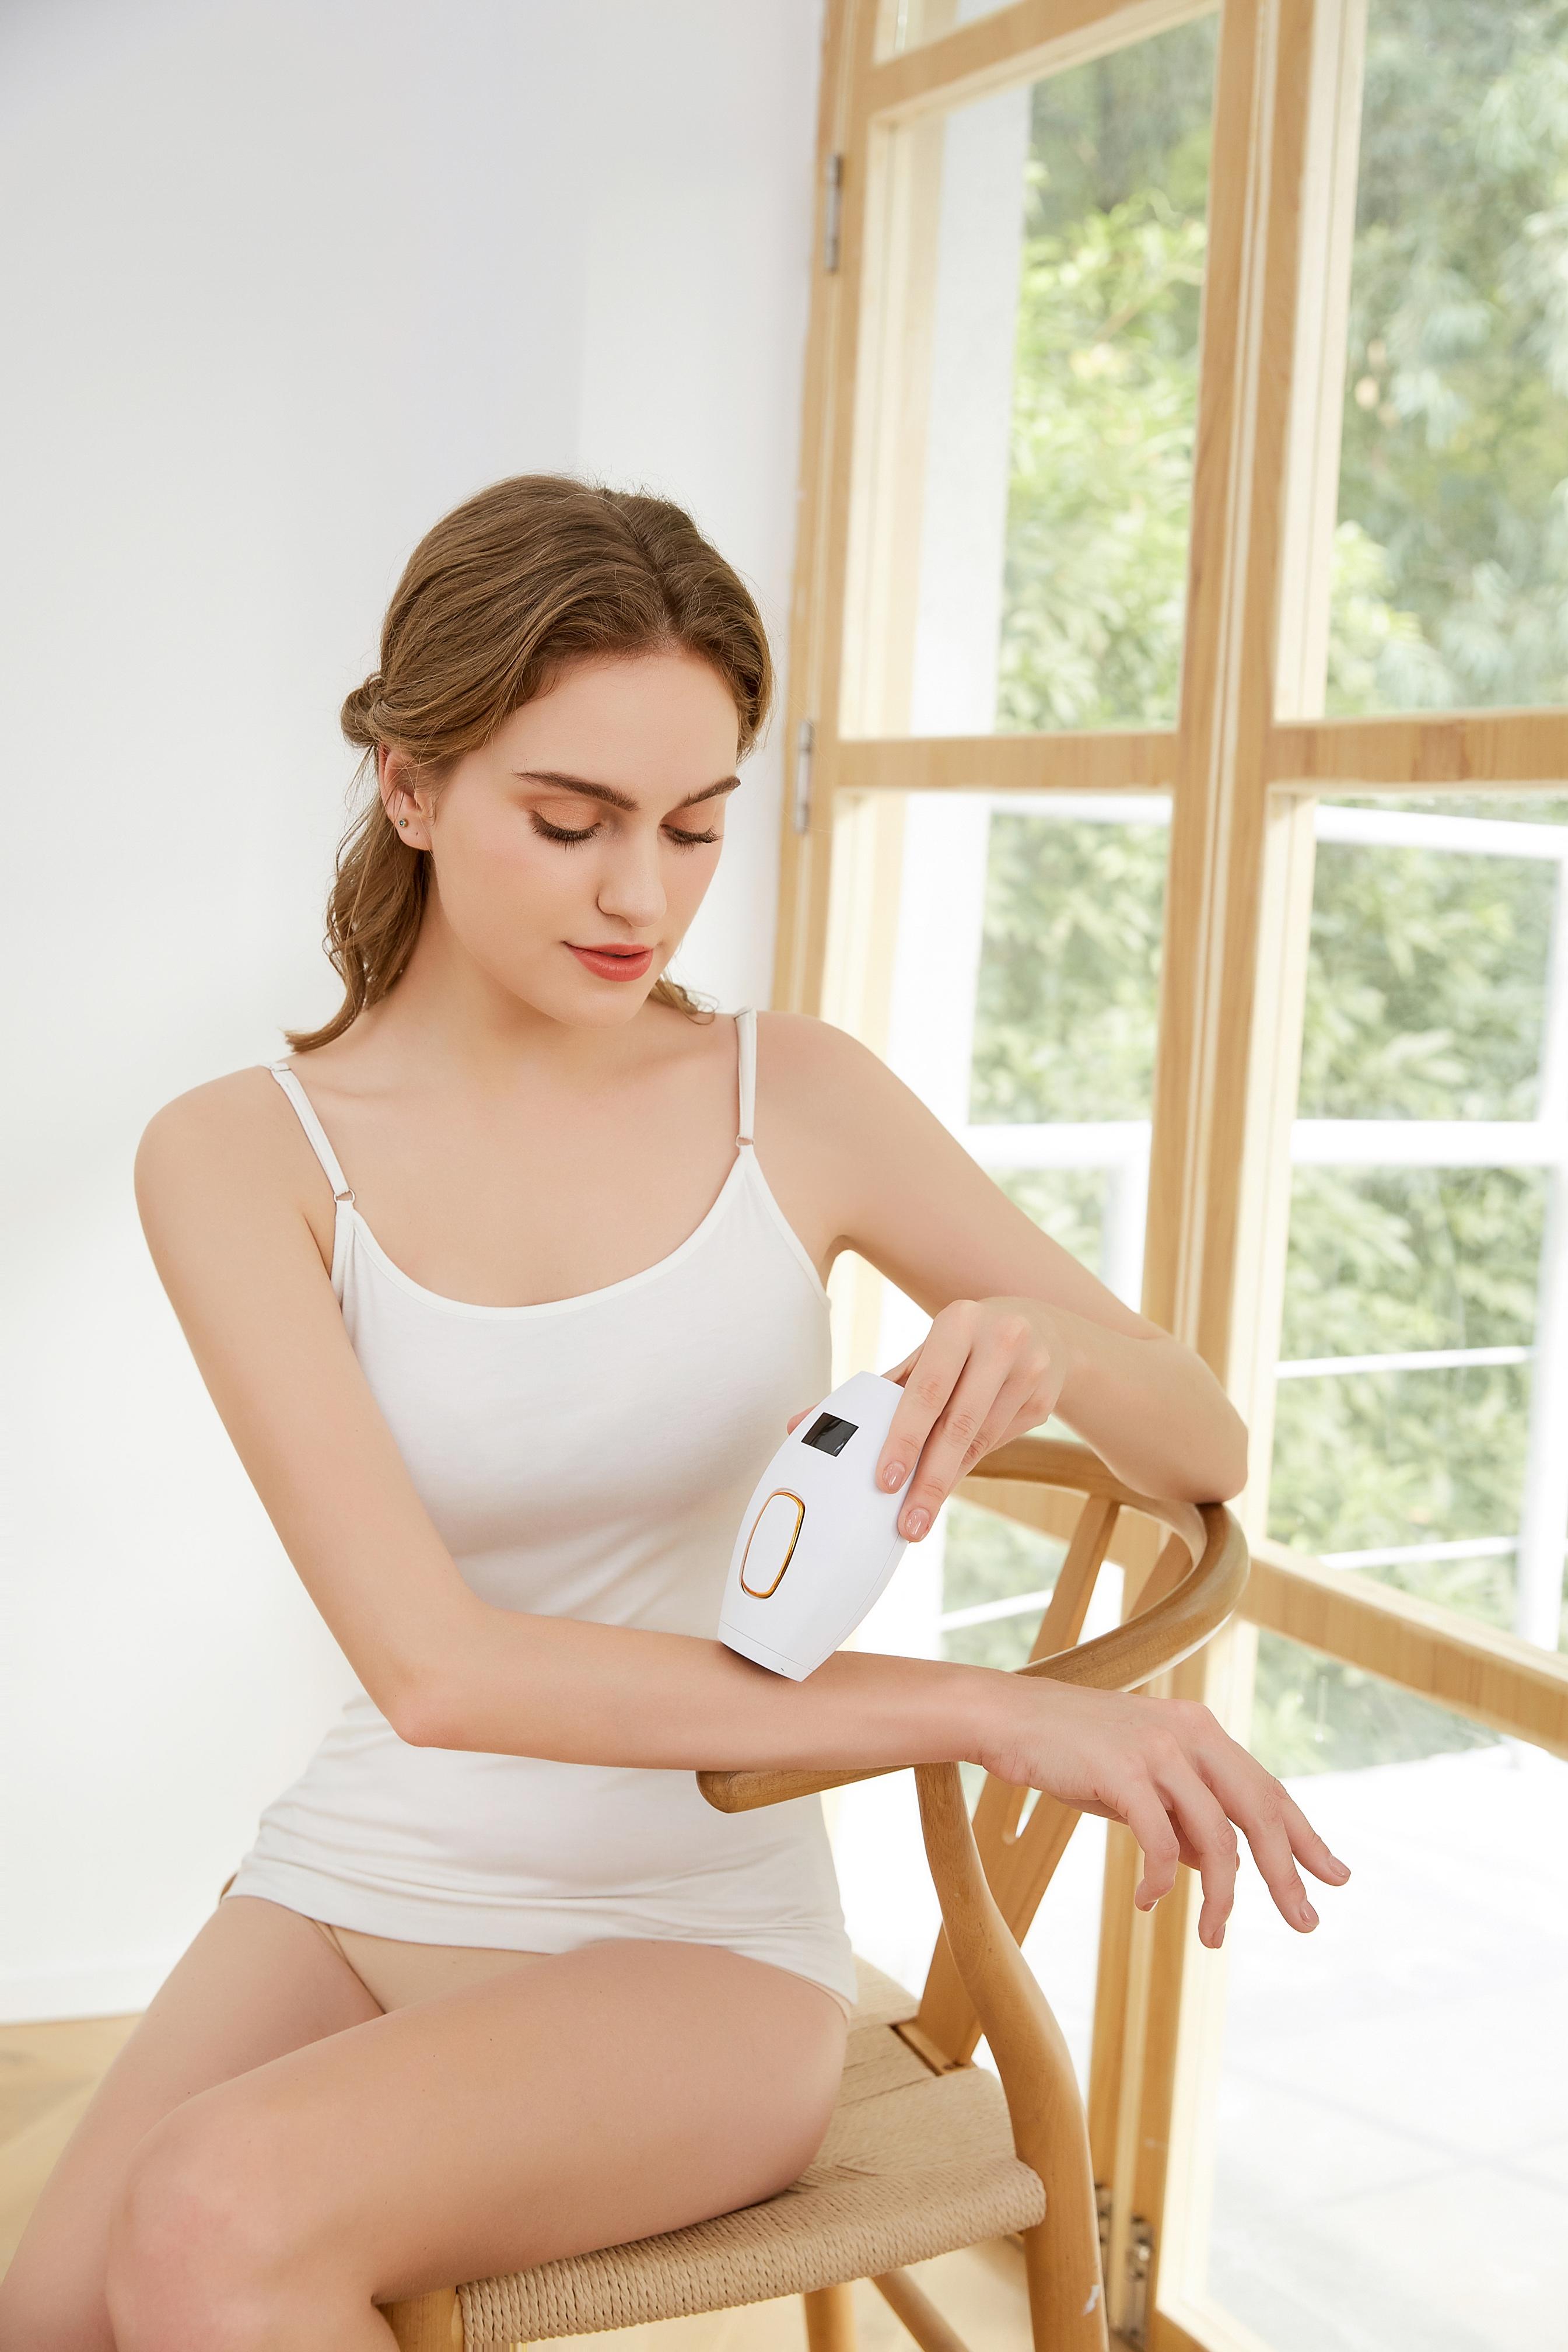 Лазерное удаление волос на весь тело, уход и омоложение кожи, устройство для удаления волос